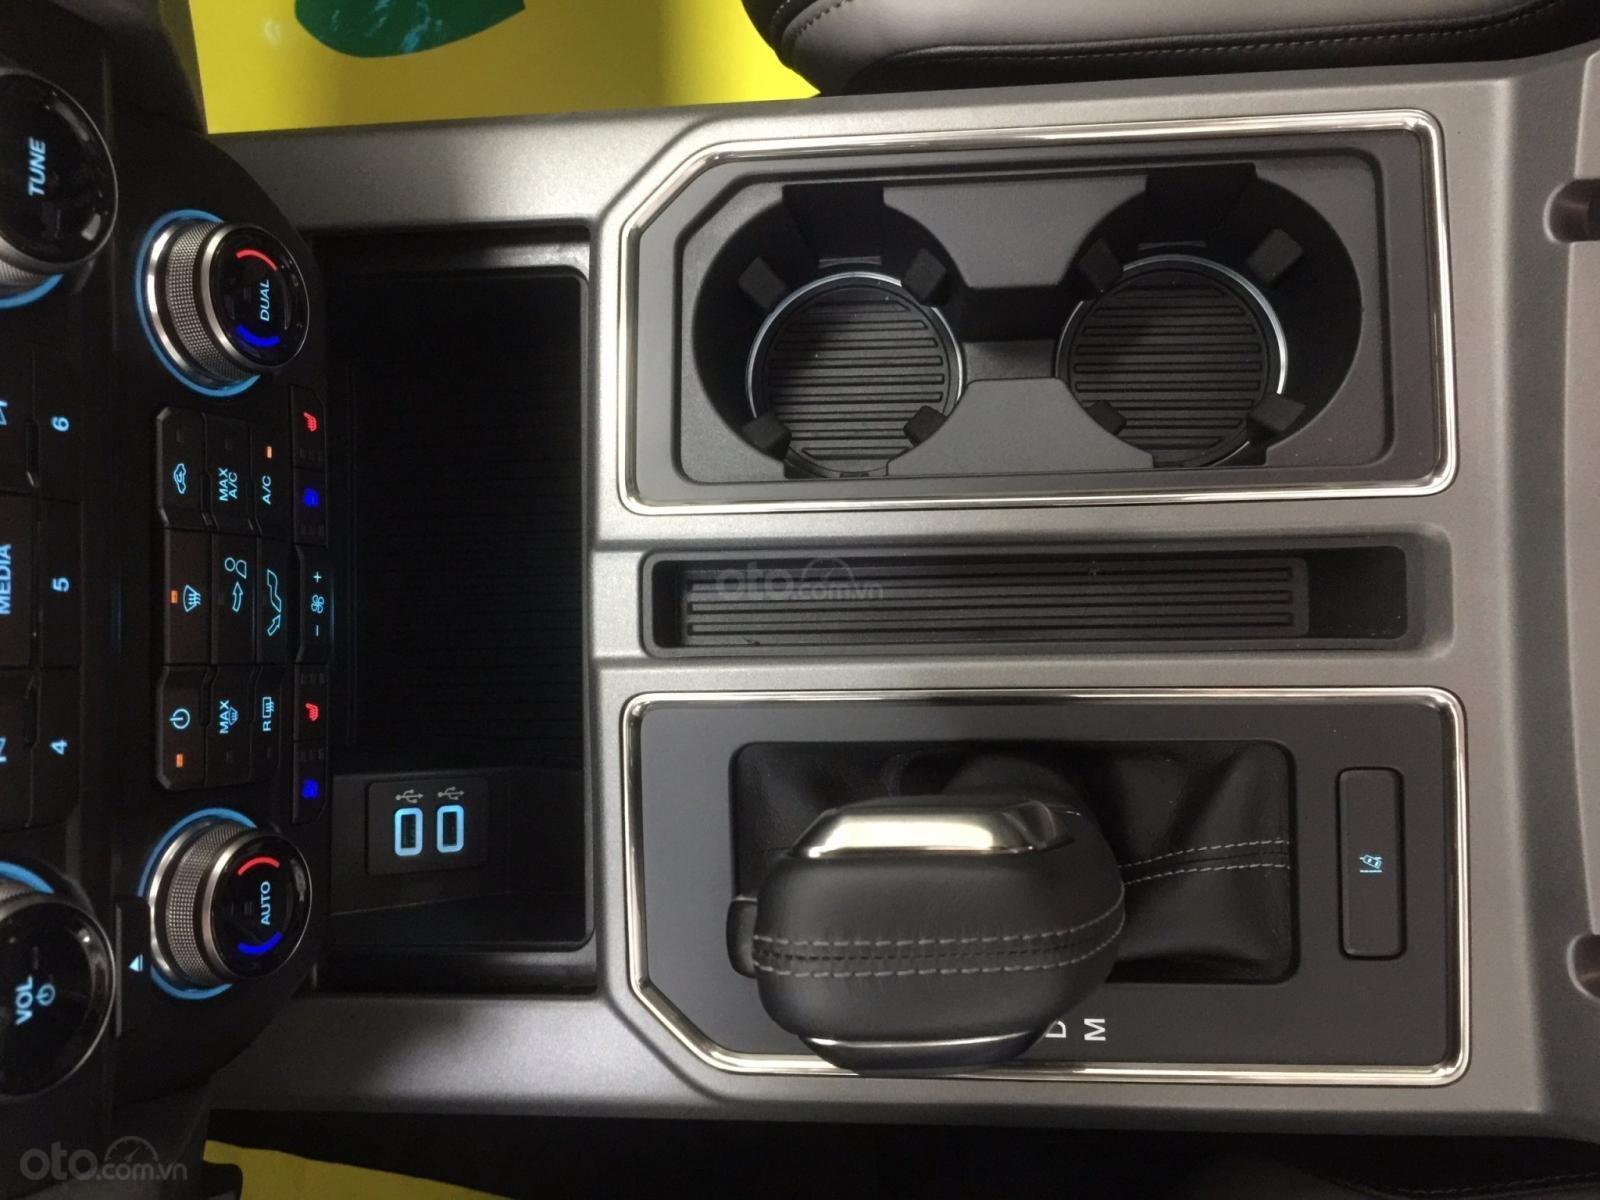 Bán siêu bán tải Ford F150 Raptor 2020, LH Ms Hương giá tốt giao ngay toàn quốc (19)